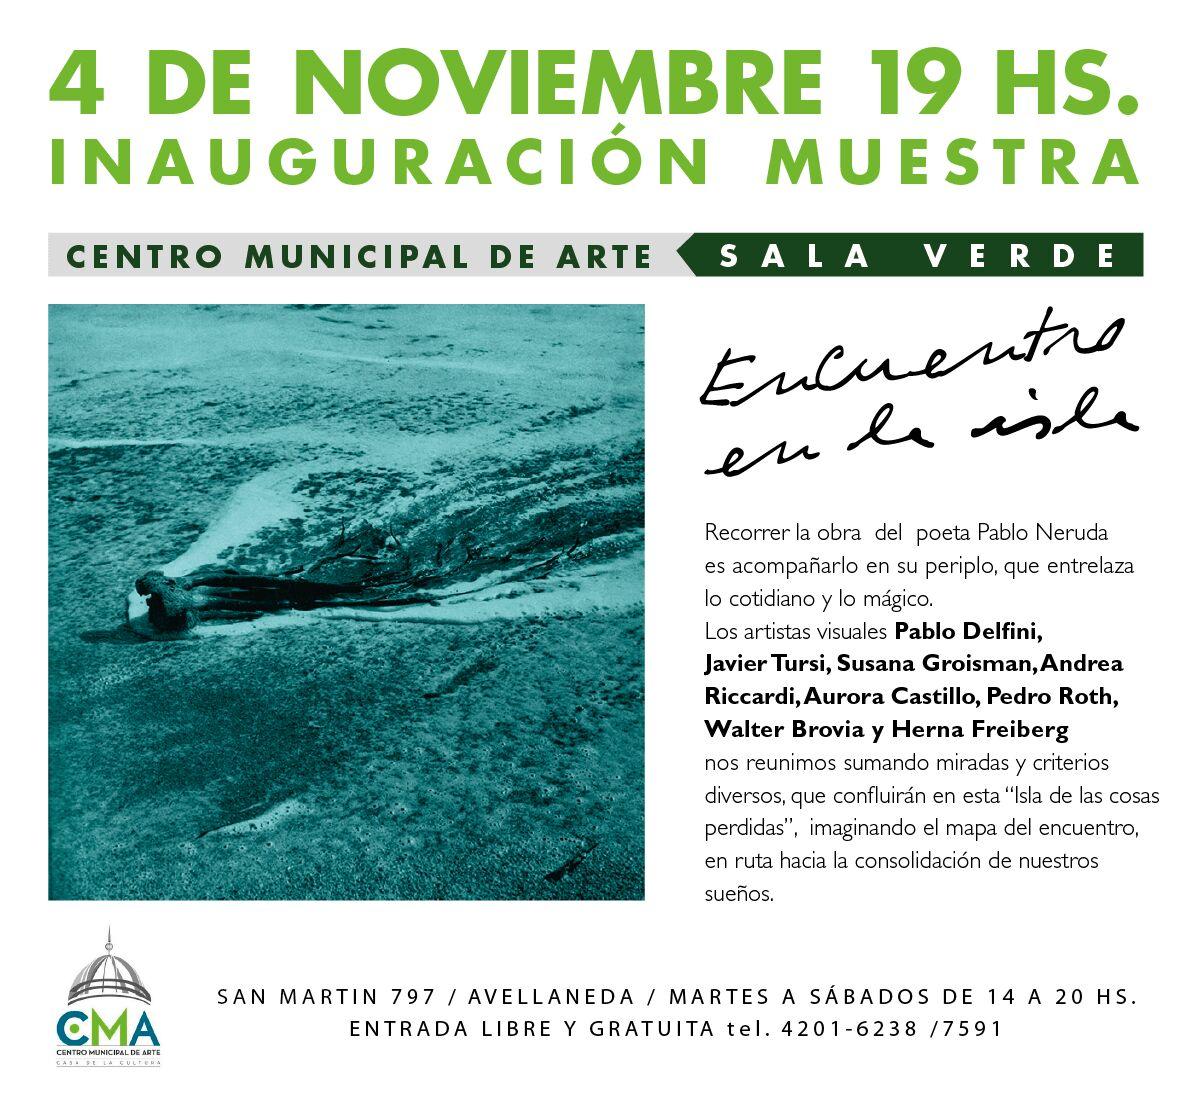 Encuentro en la Isla. Exposición de Artistas Visuales